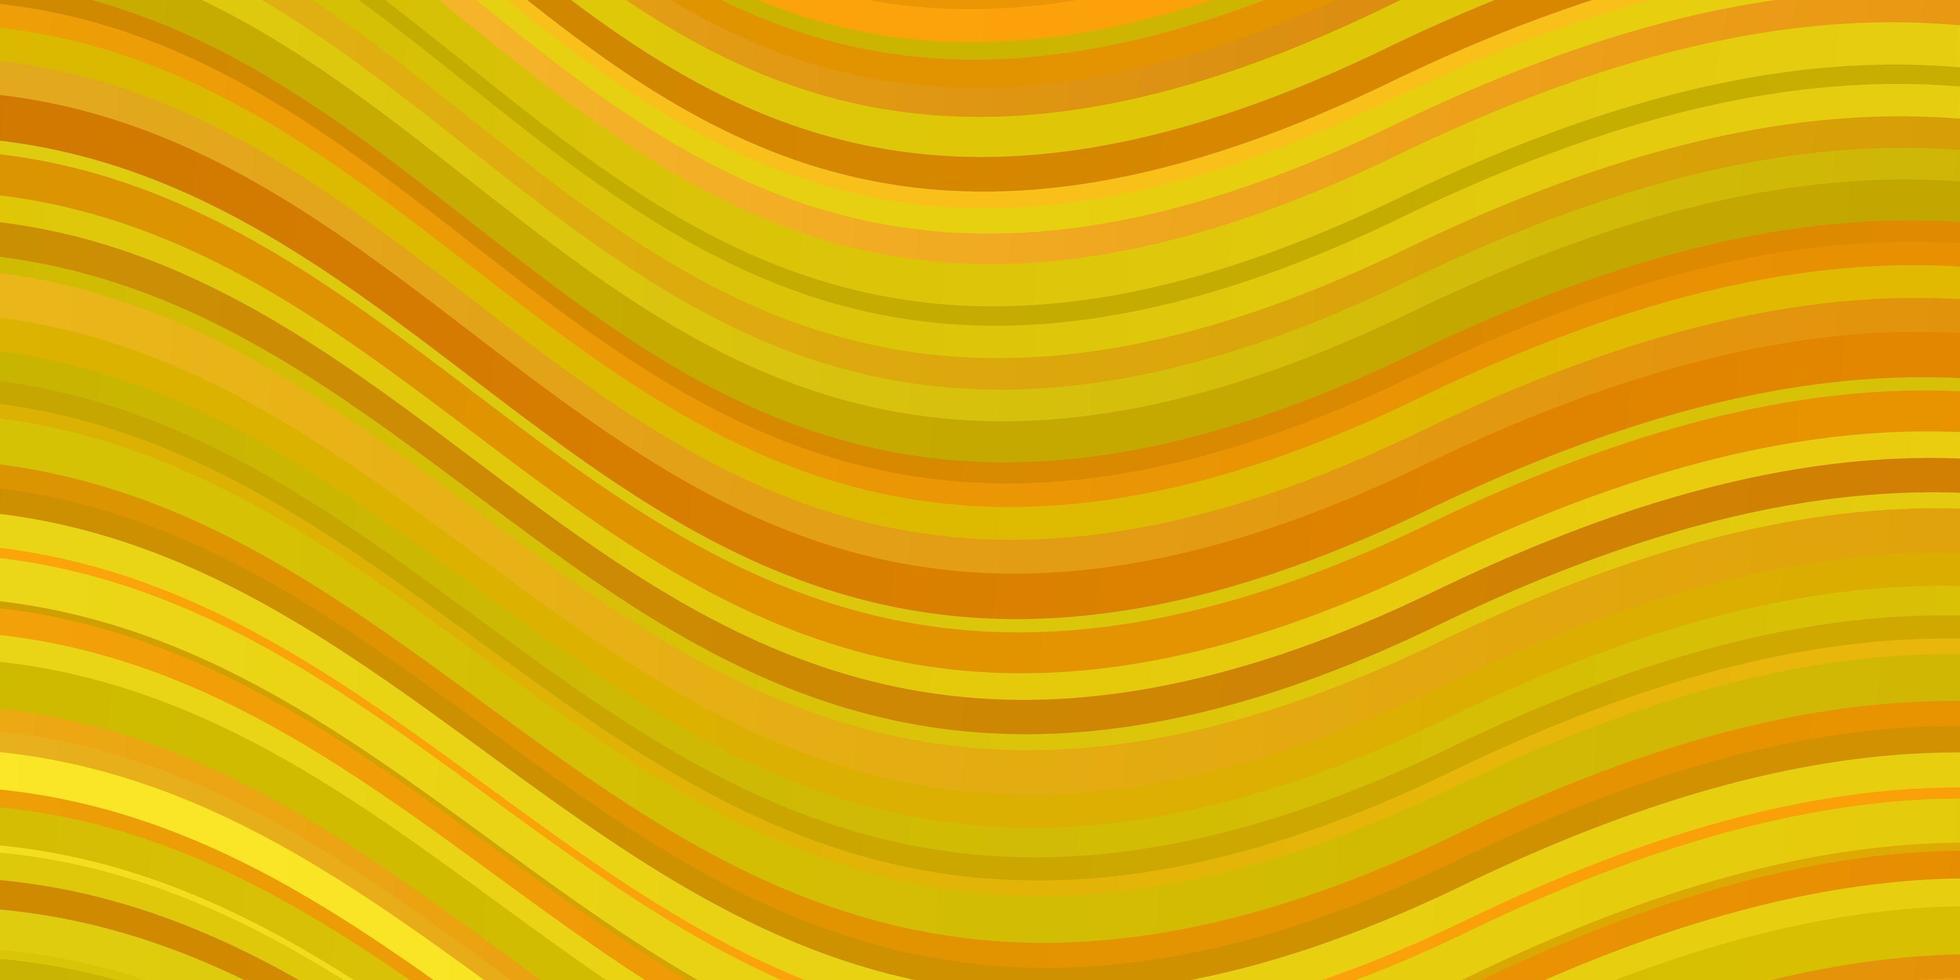 hellgelbe Vektorschablone mit schiefen Linien. vektor